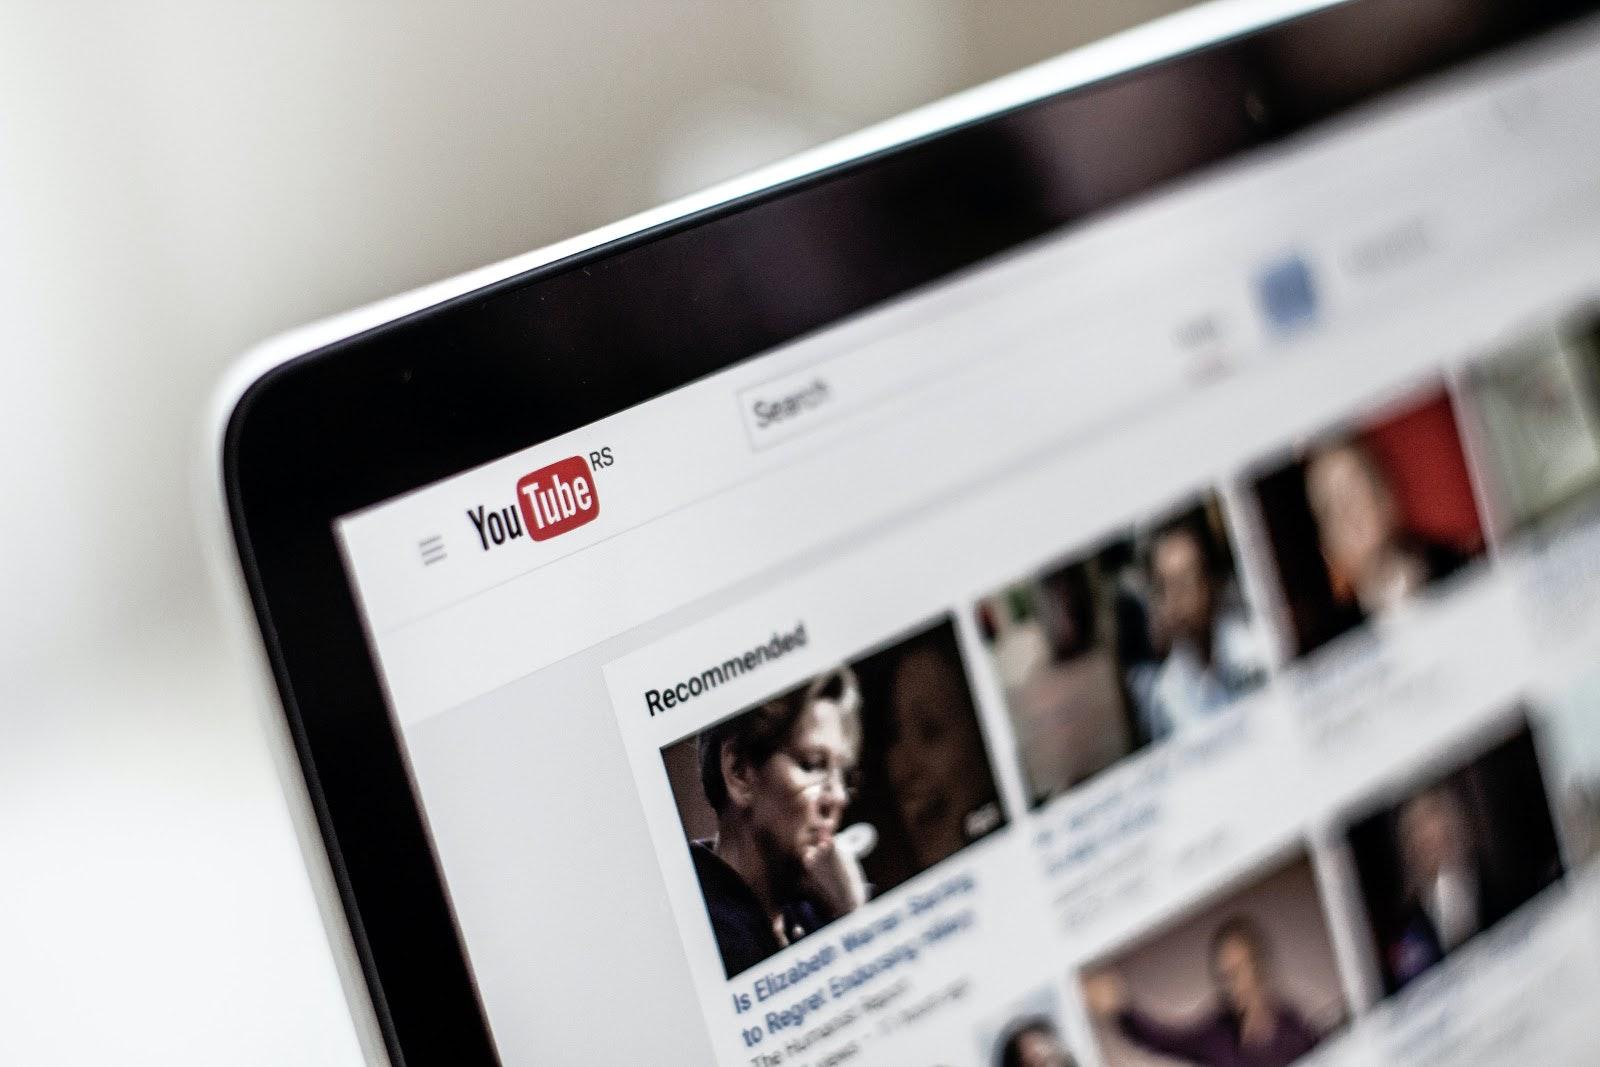 YouTube on Mac